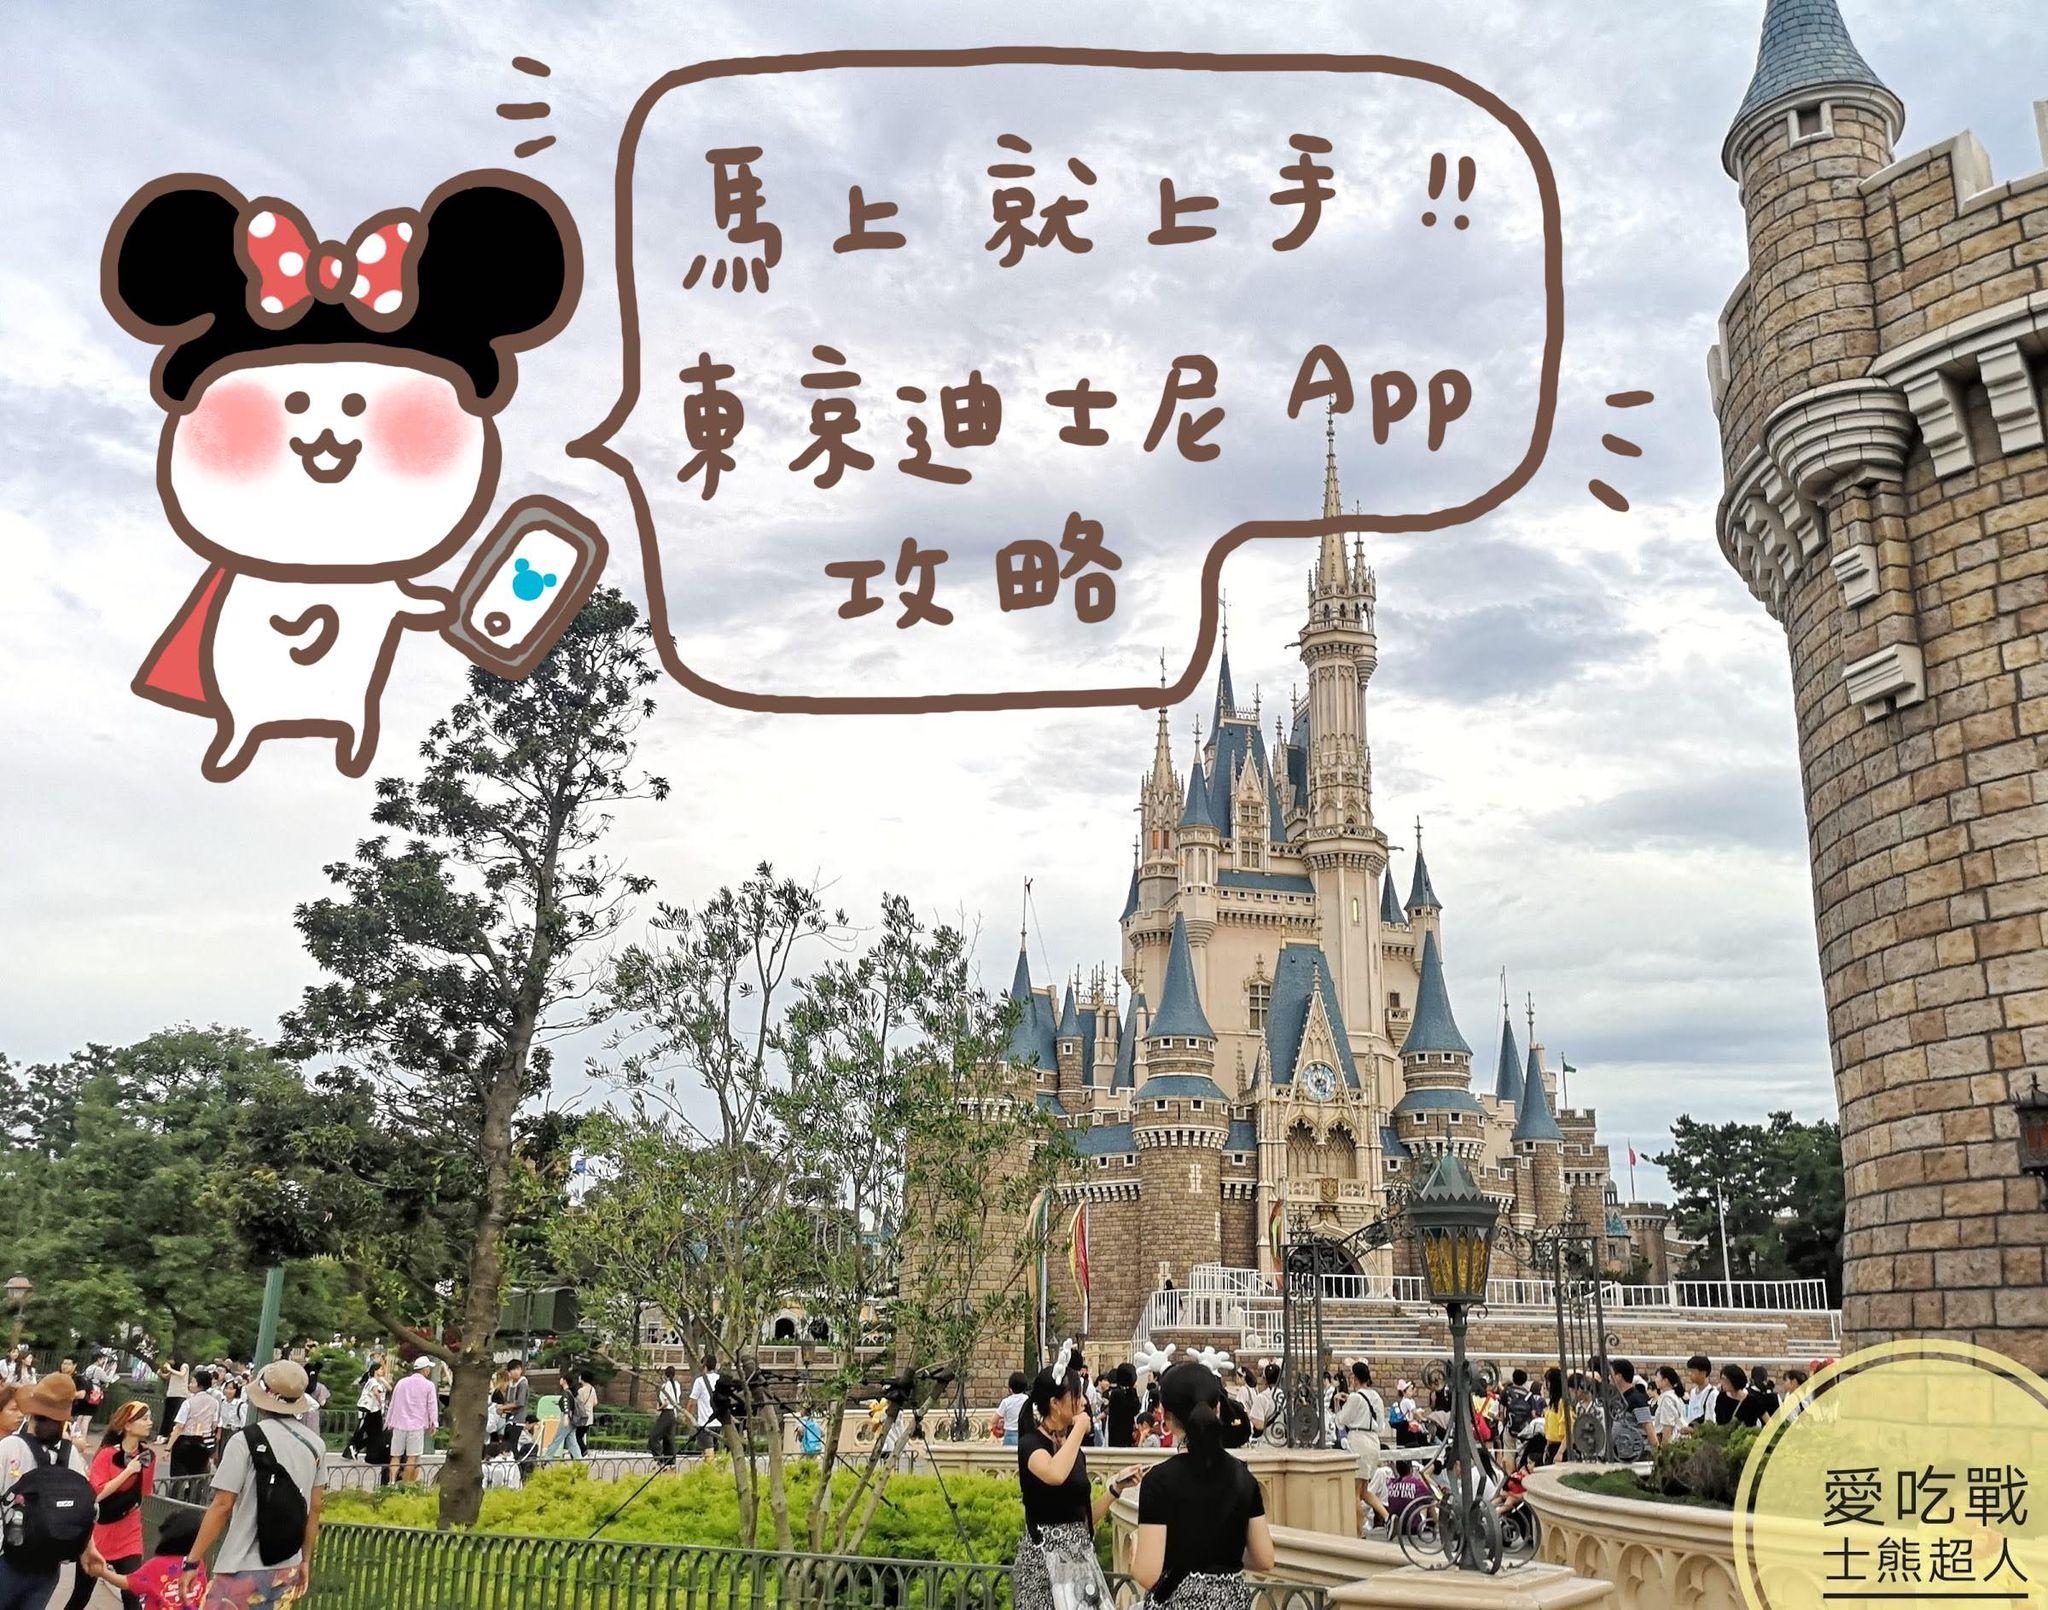 。東京迪士尼APP攻略。抽FP不用再排隊,快速通關+APP教學全公開(2019.09更新)